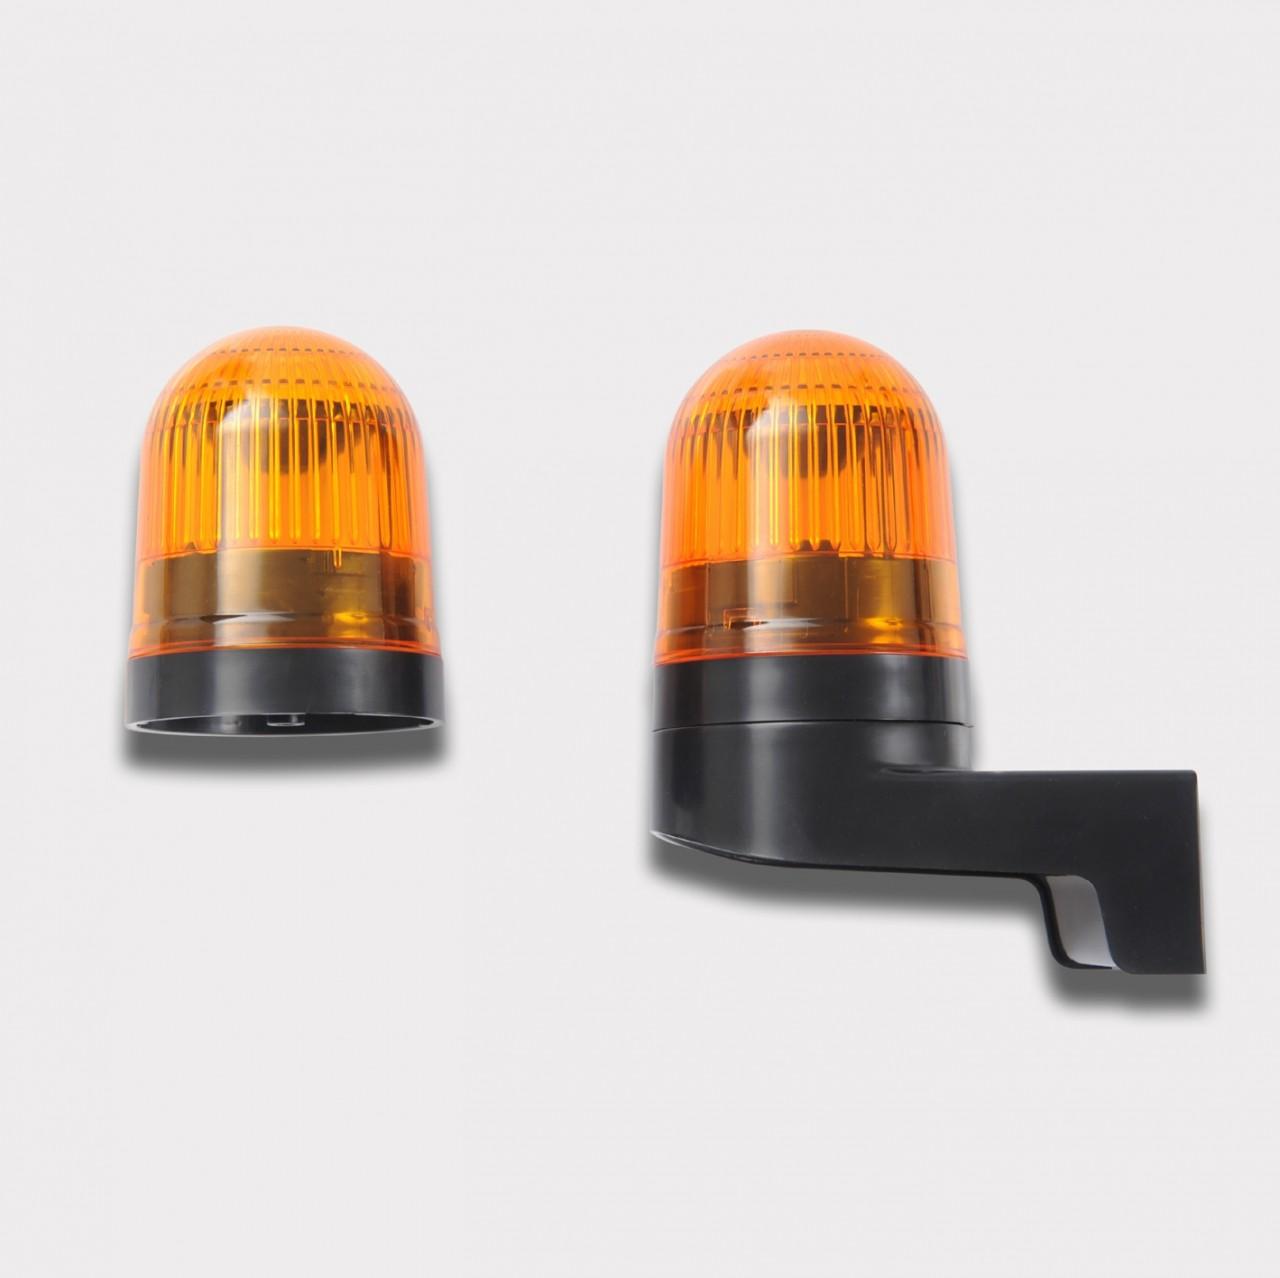 Marantec Control 950 LED-Signalleuchte